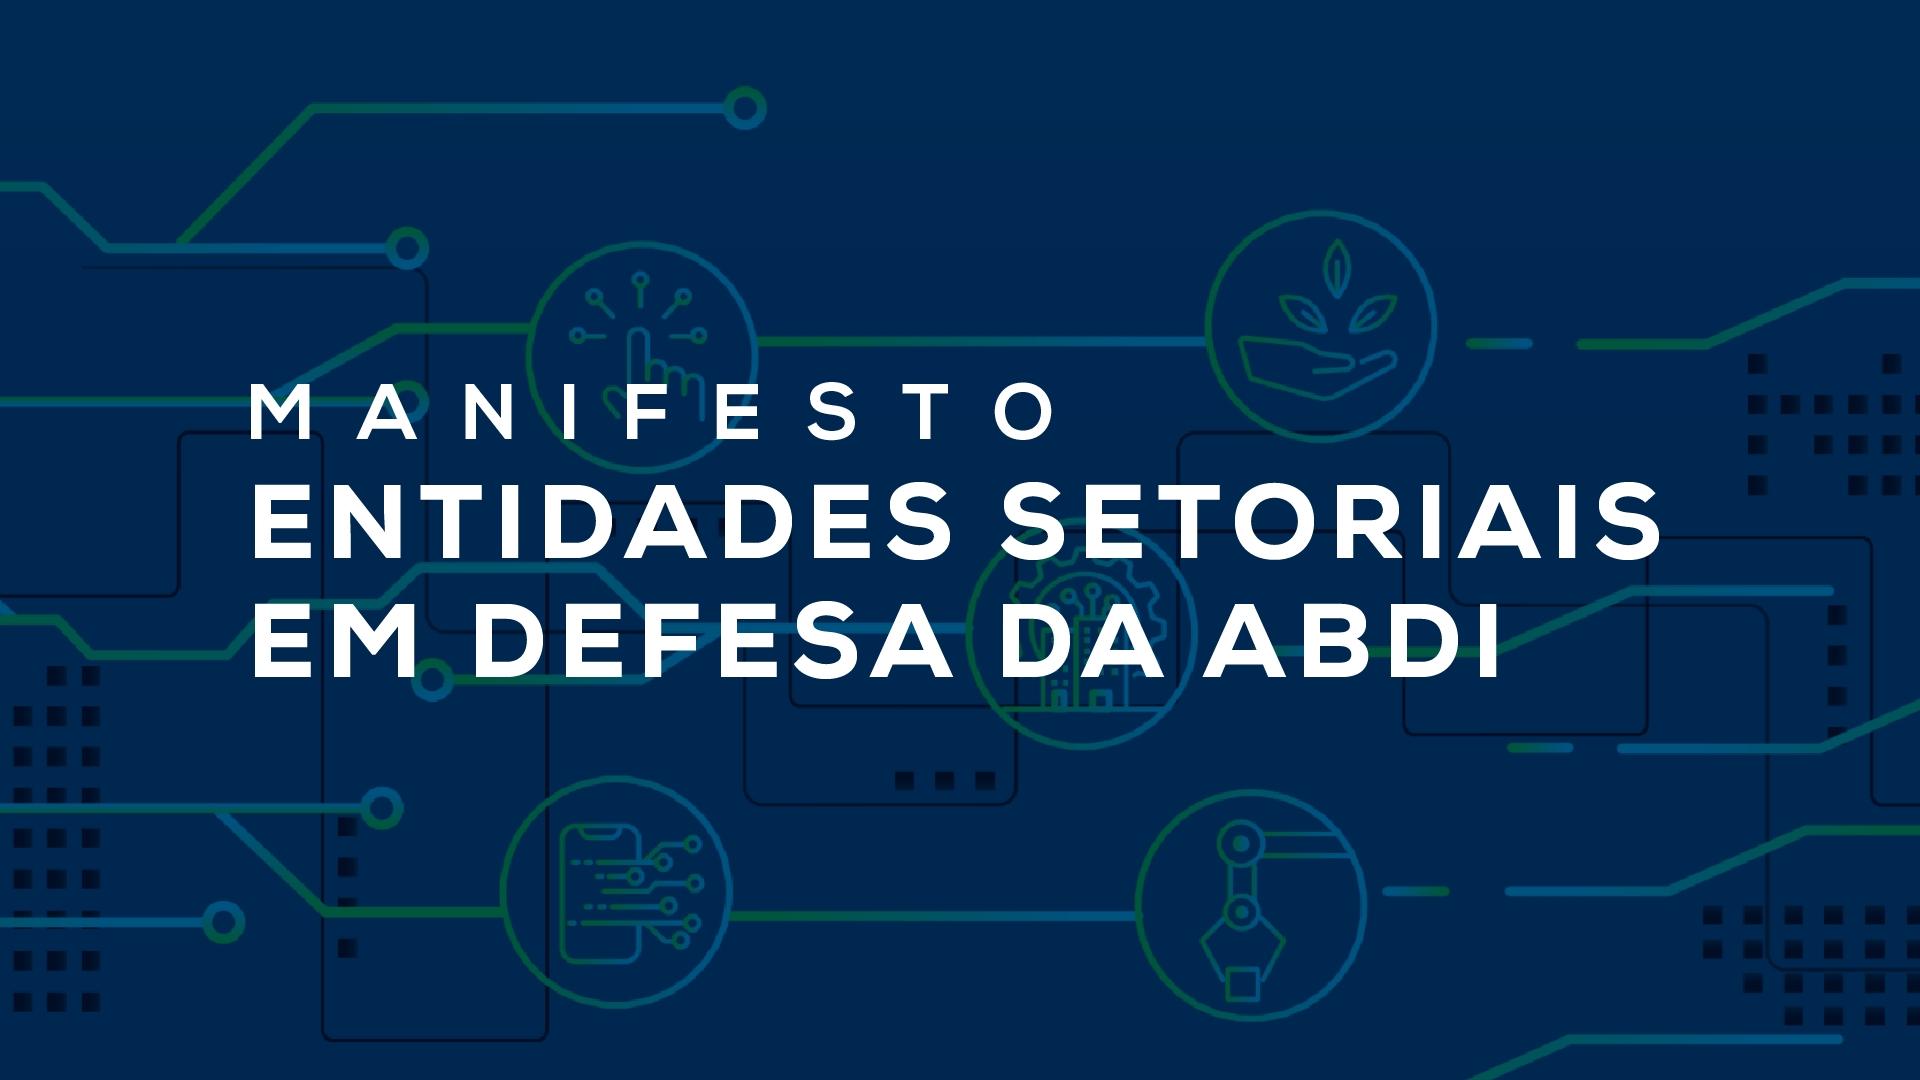 acervo_manifestos 01. Manifesto de Entidades Setoriais em defesa da ABDI